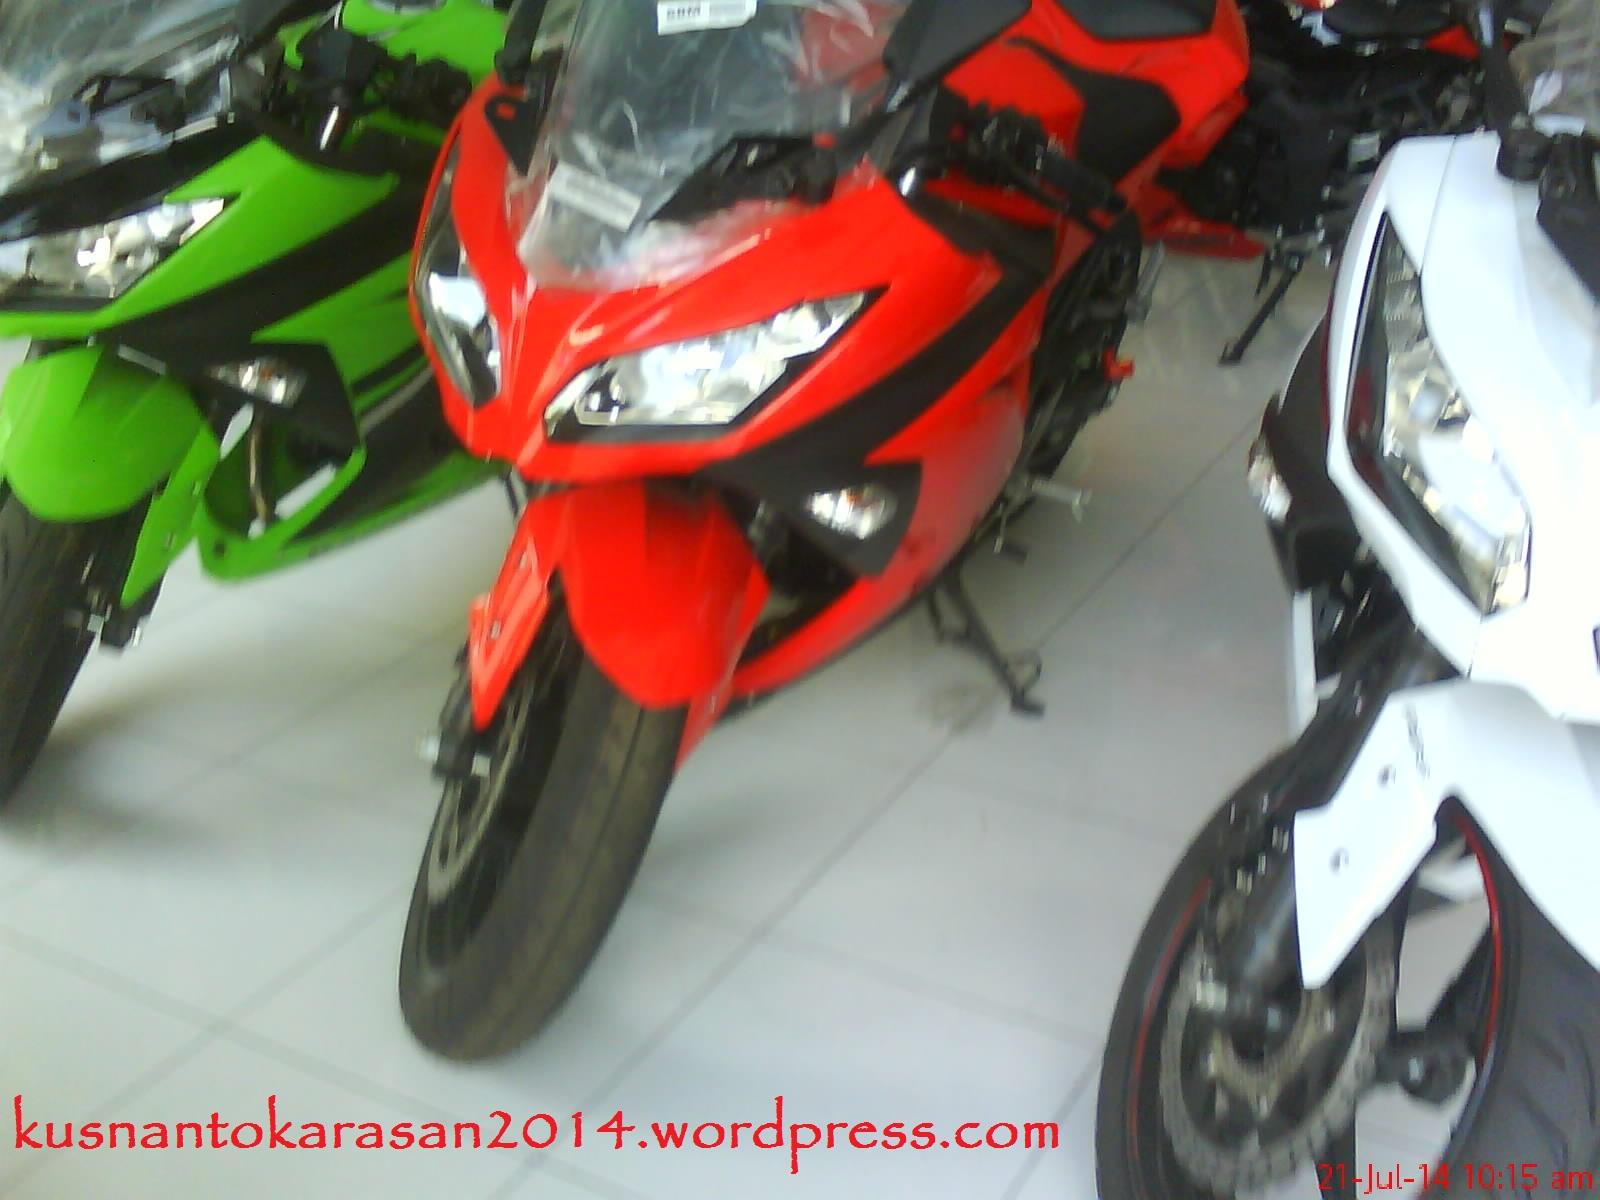 Koleksi 66 Harga Motor Ninja 4 Tak Warna Merah Modifikasi